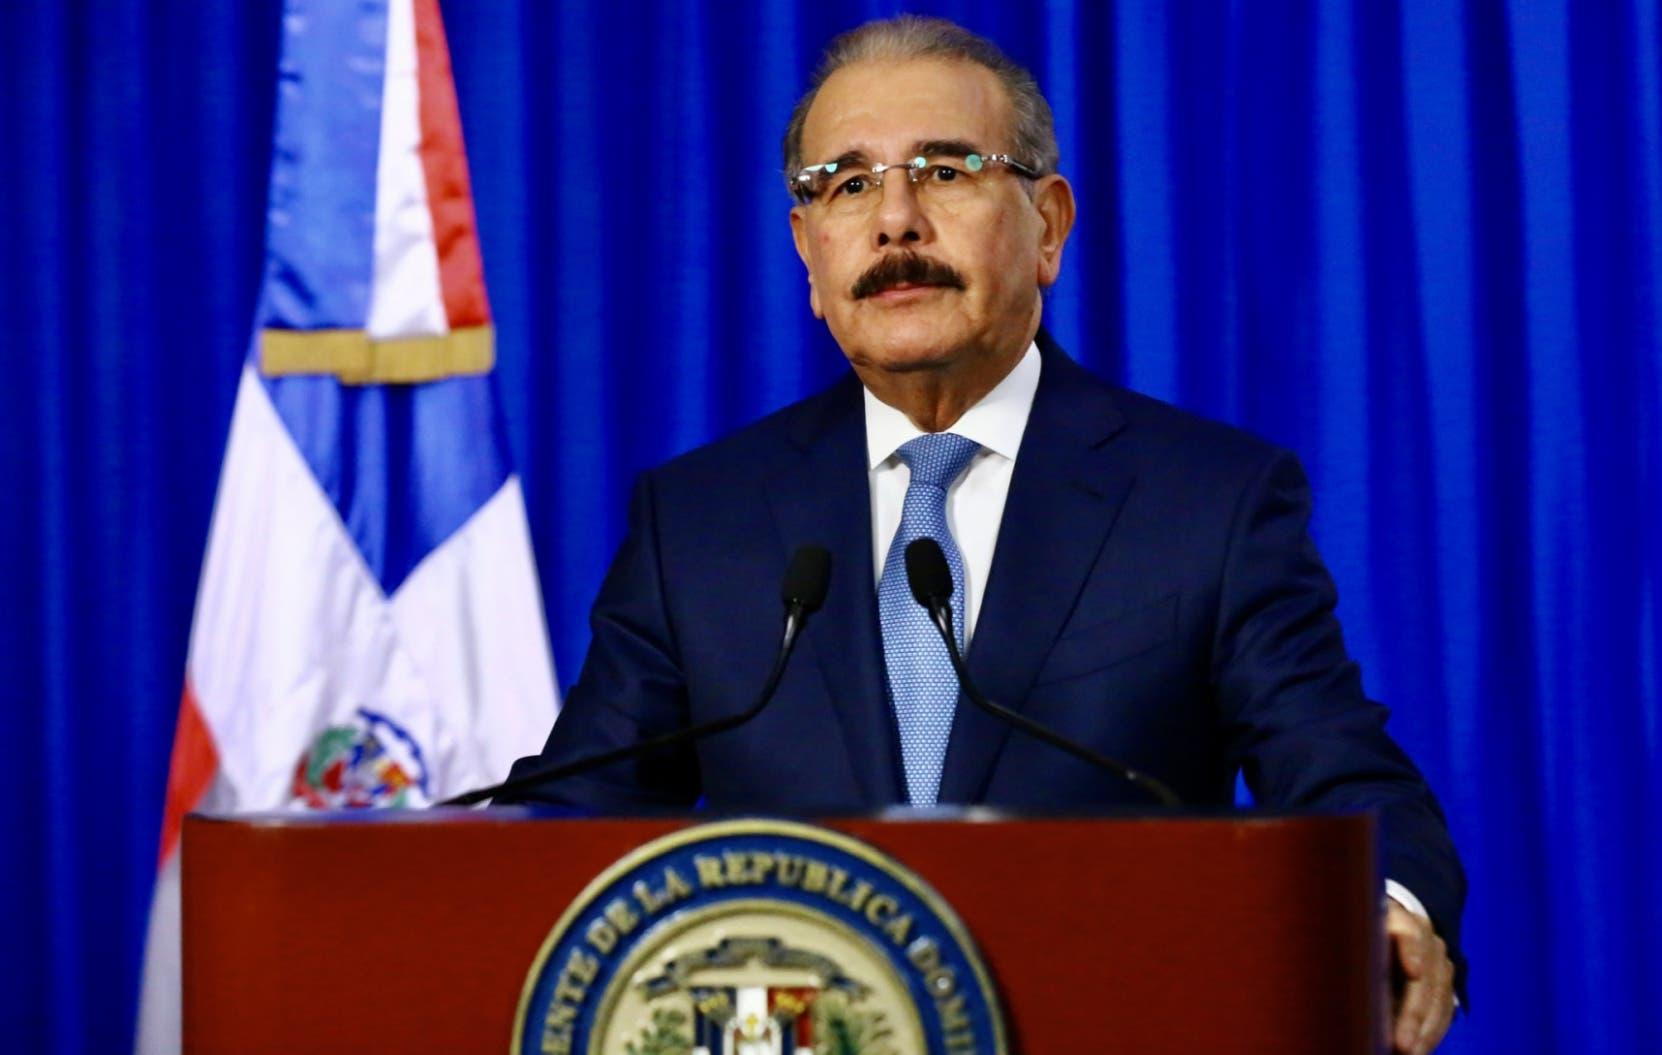 Medina anuncia el cierre de las fronteras desde mañana jueves